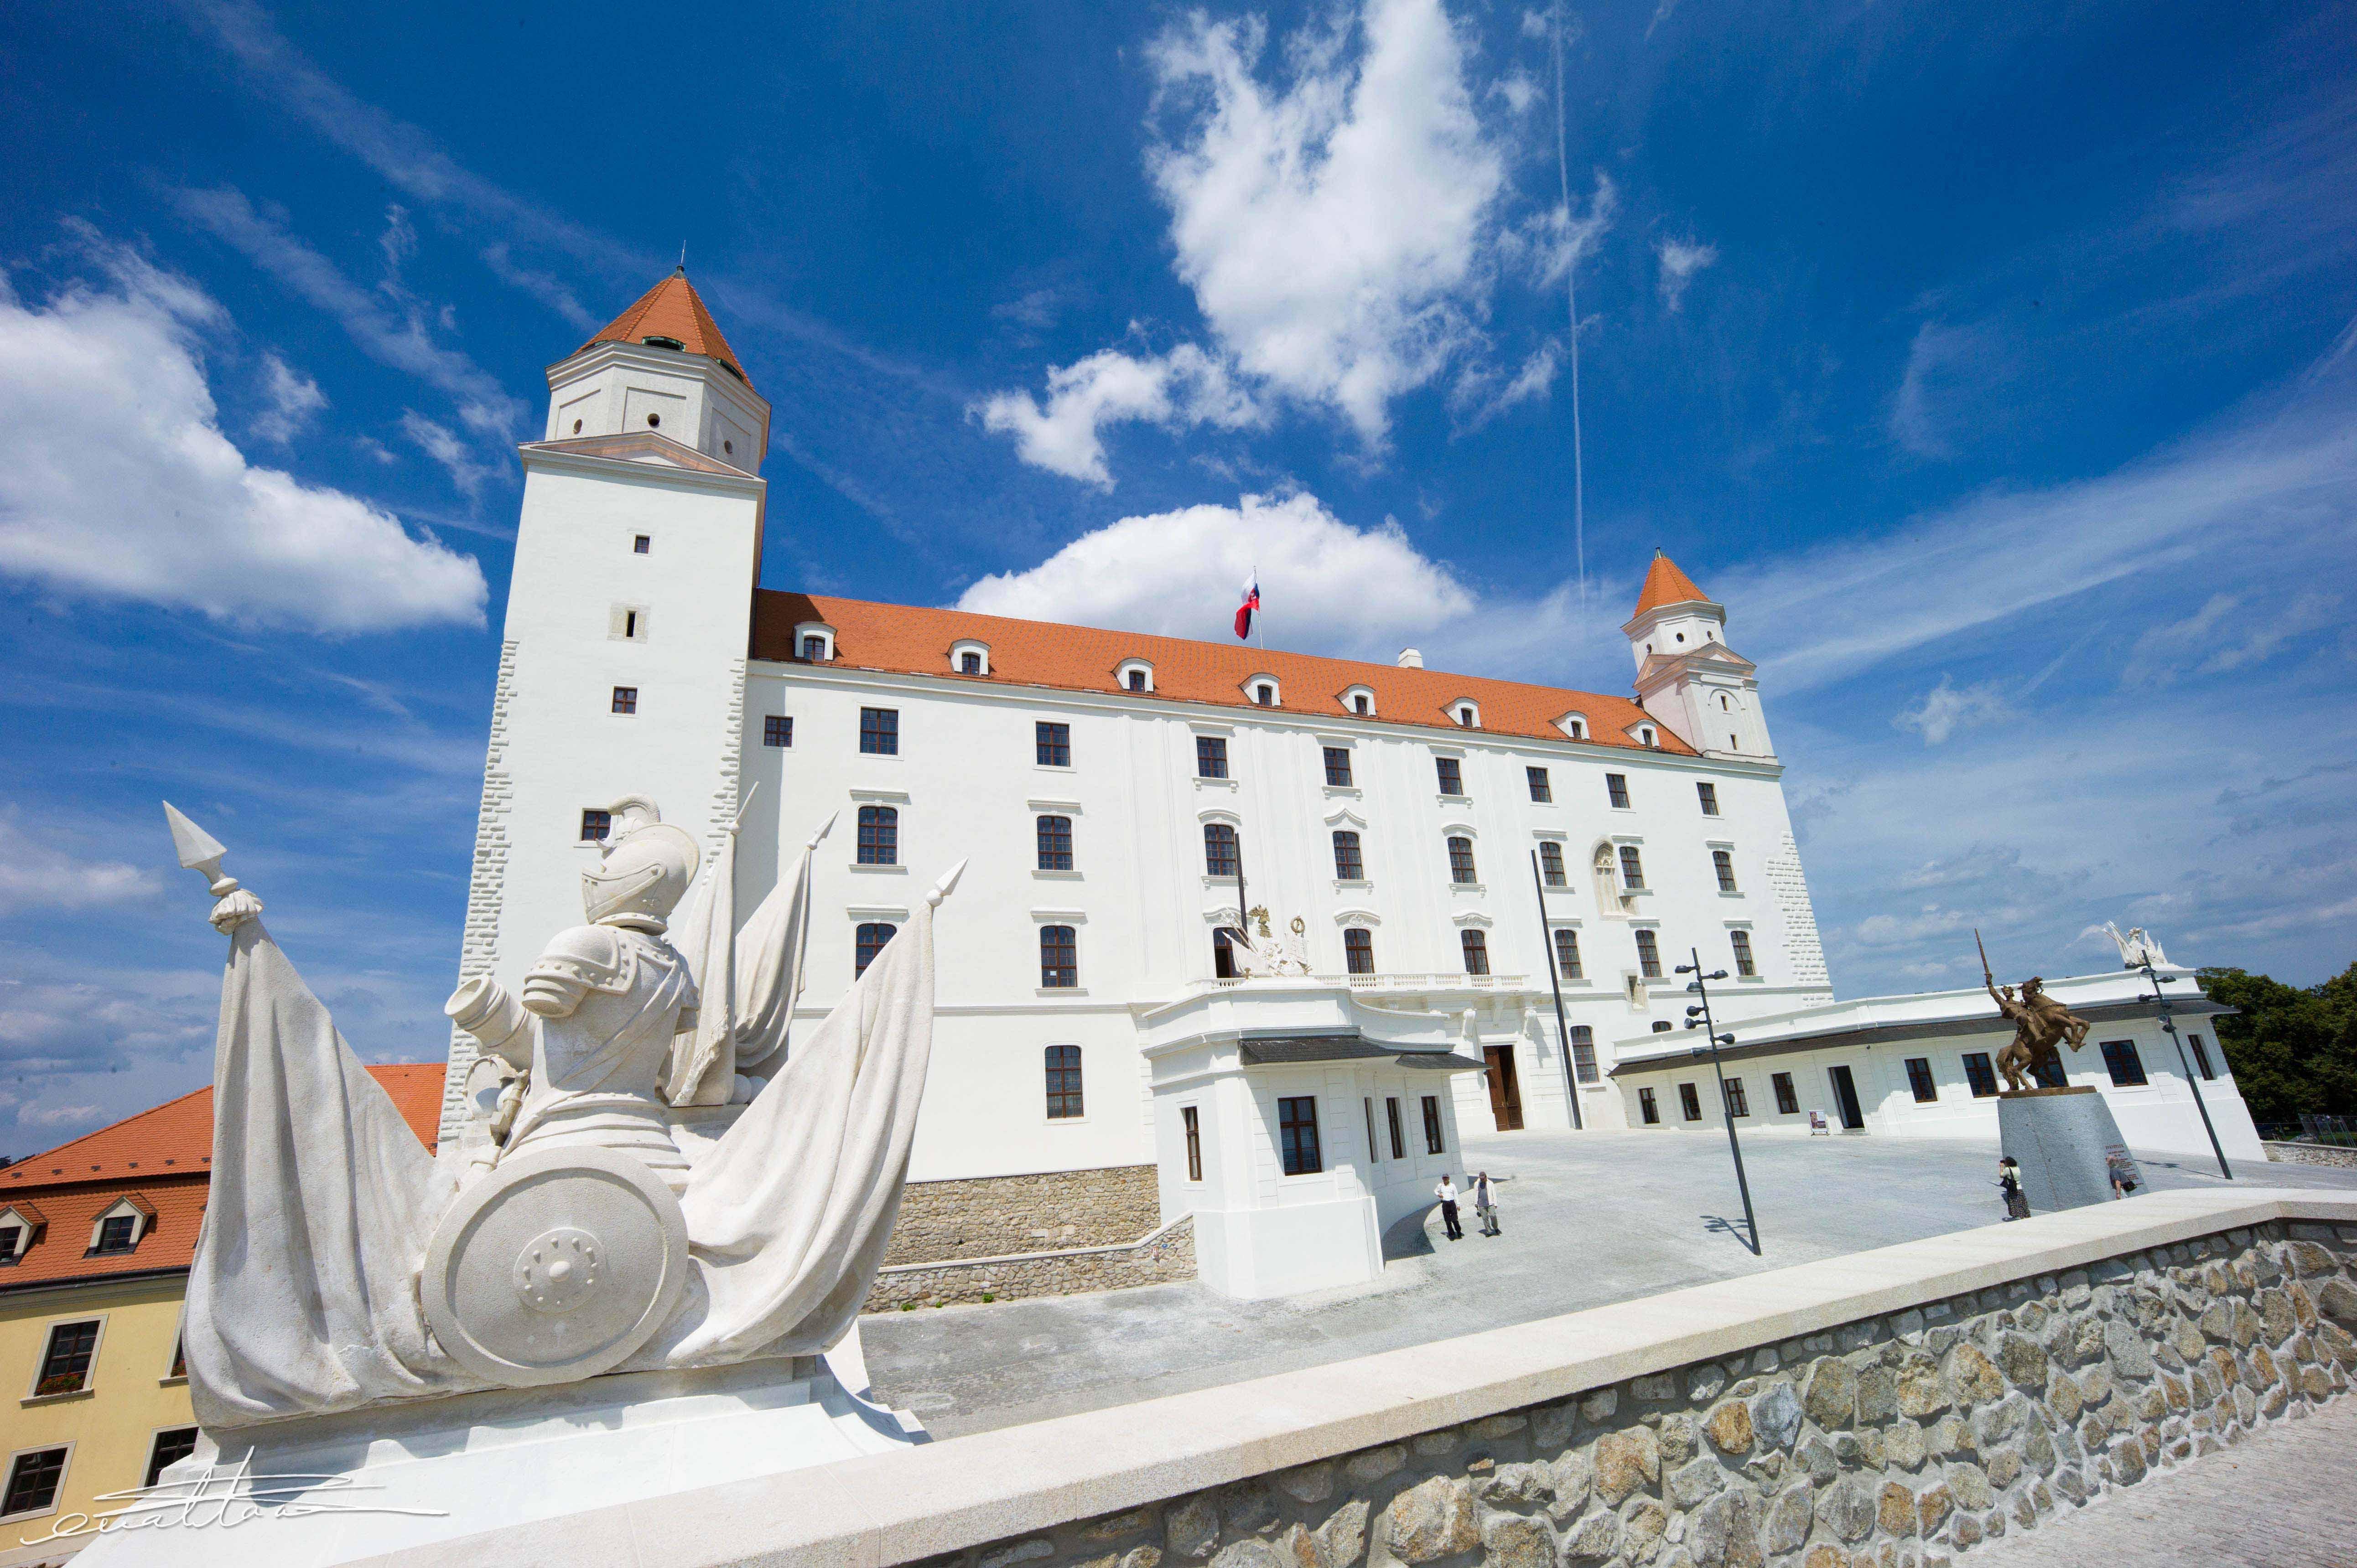 低调而又宁静的美——城堡之国斯洛伐克-行者李涛